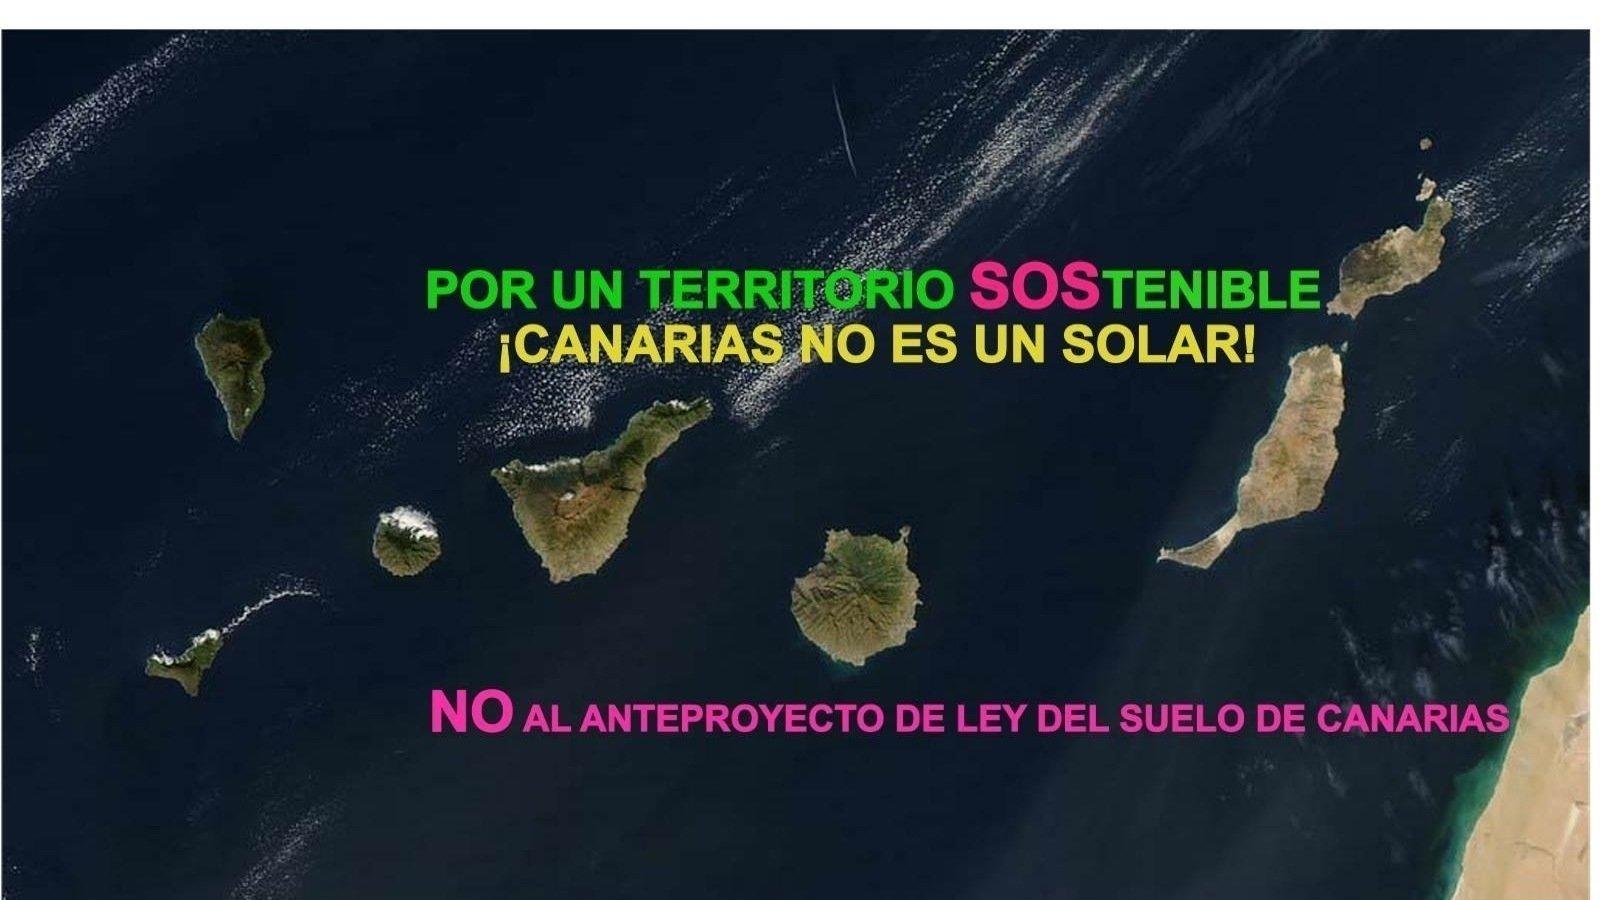 gobierno canarias org: